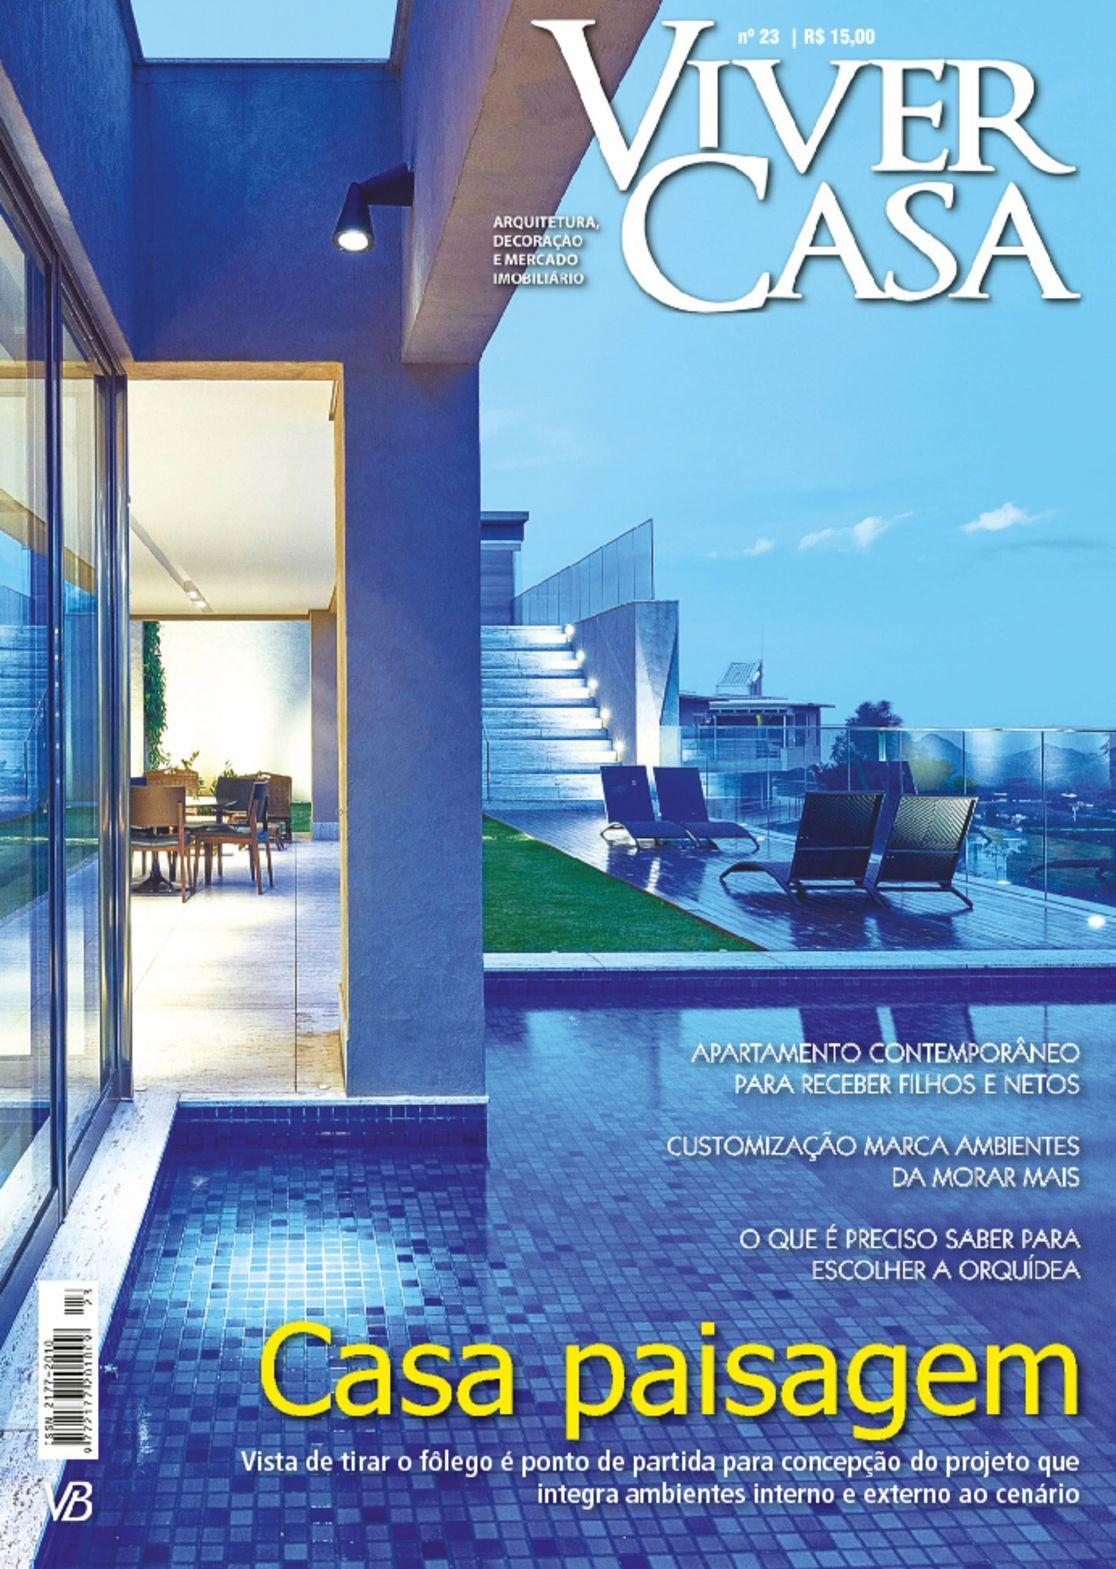 Viver casa magazine digital for Casa magazine